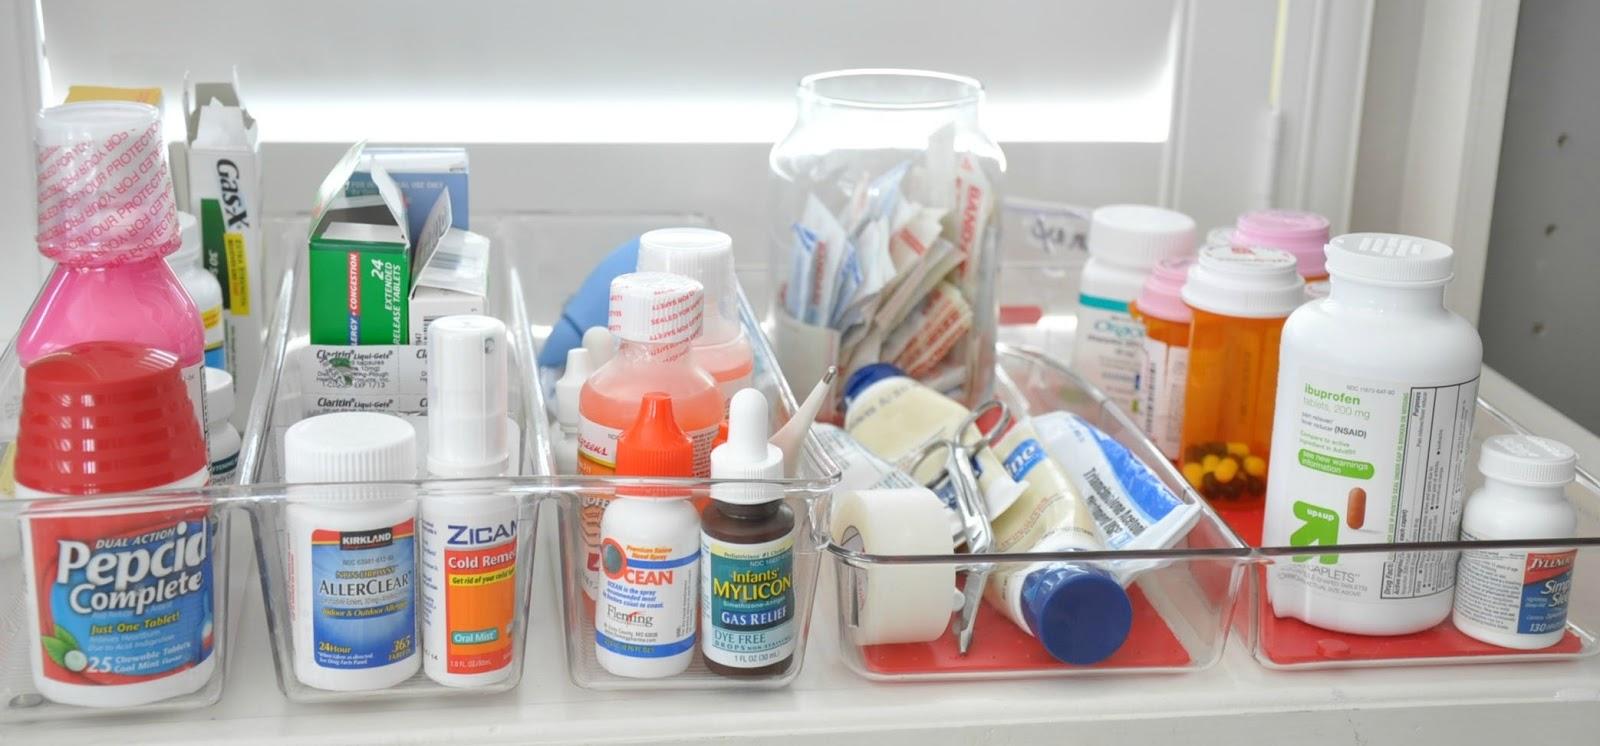 Home medicine for headaches